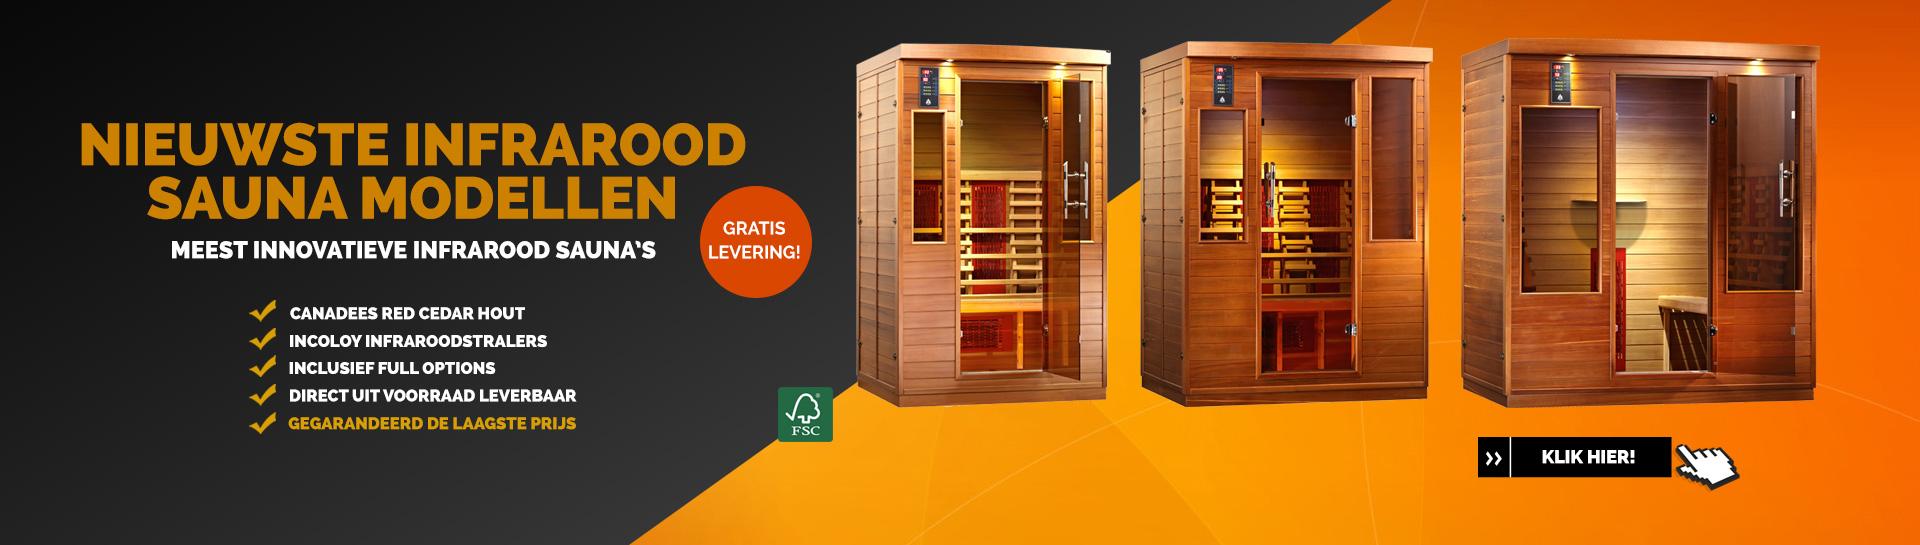 Infrarood sauna's Health & Wellness